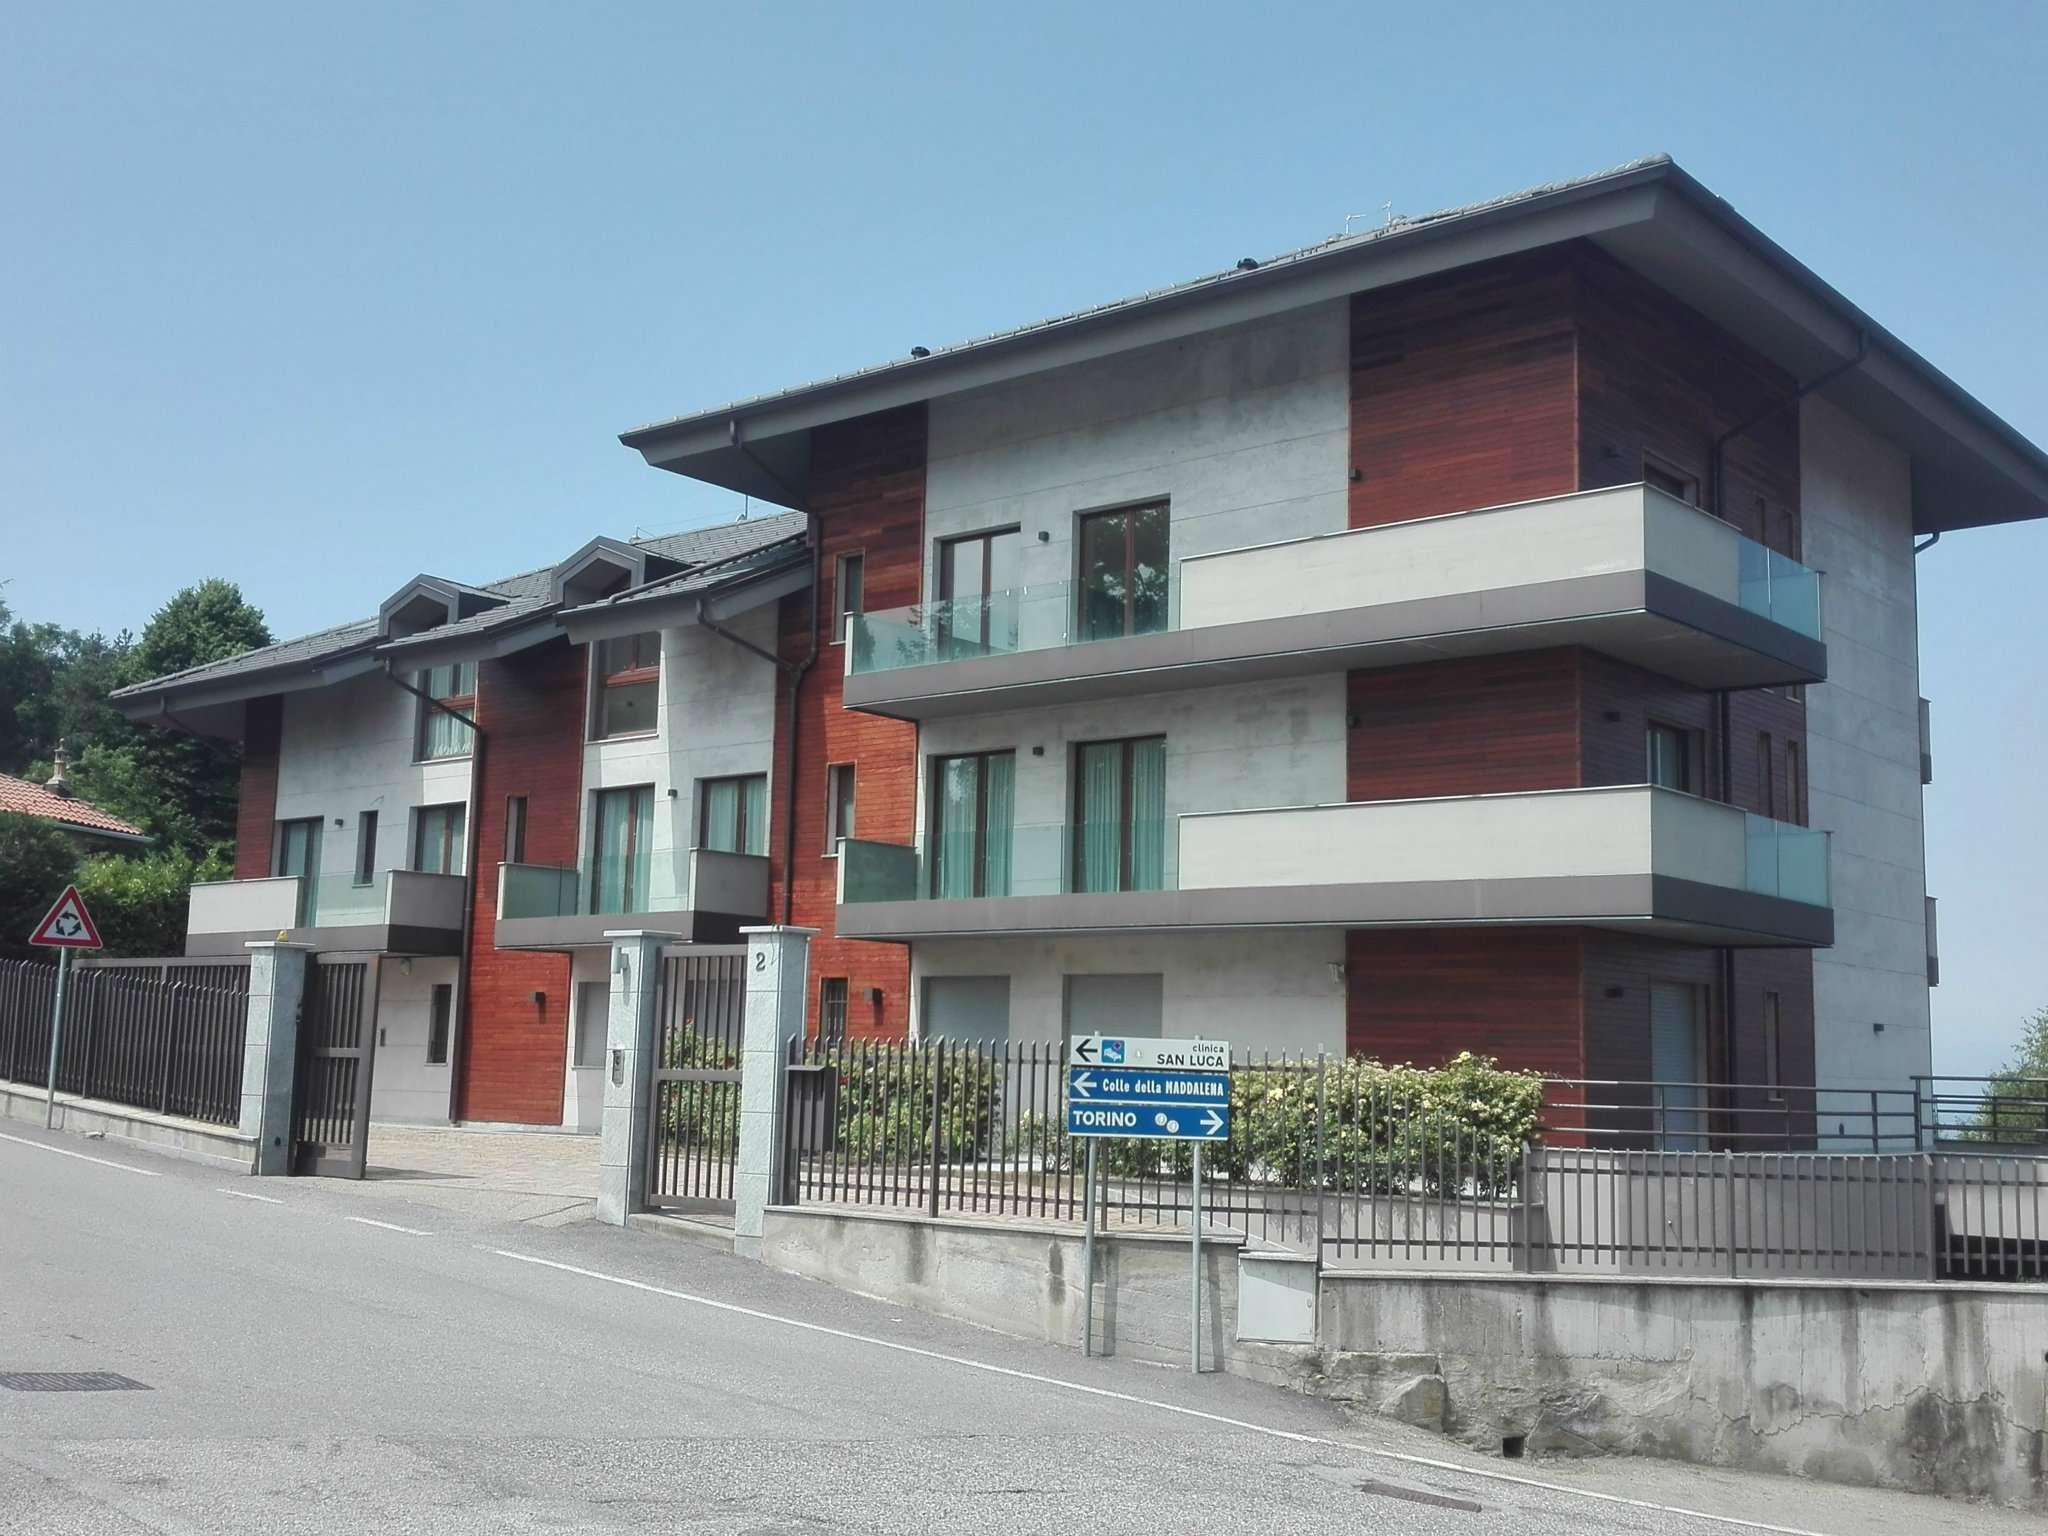 Foto 1 di Bilocale strada del colle, Pecetto Torinese